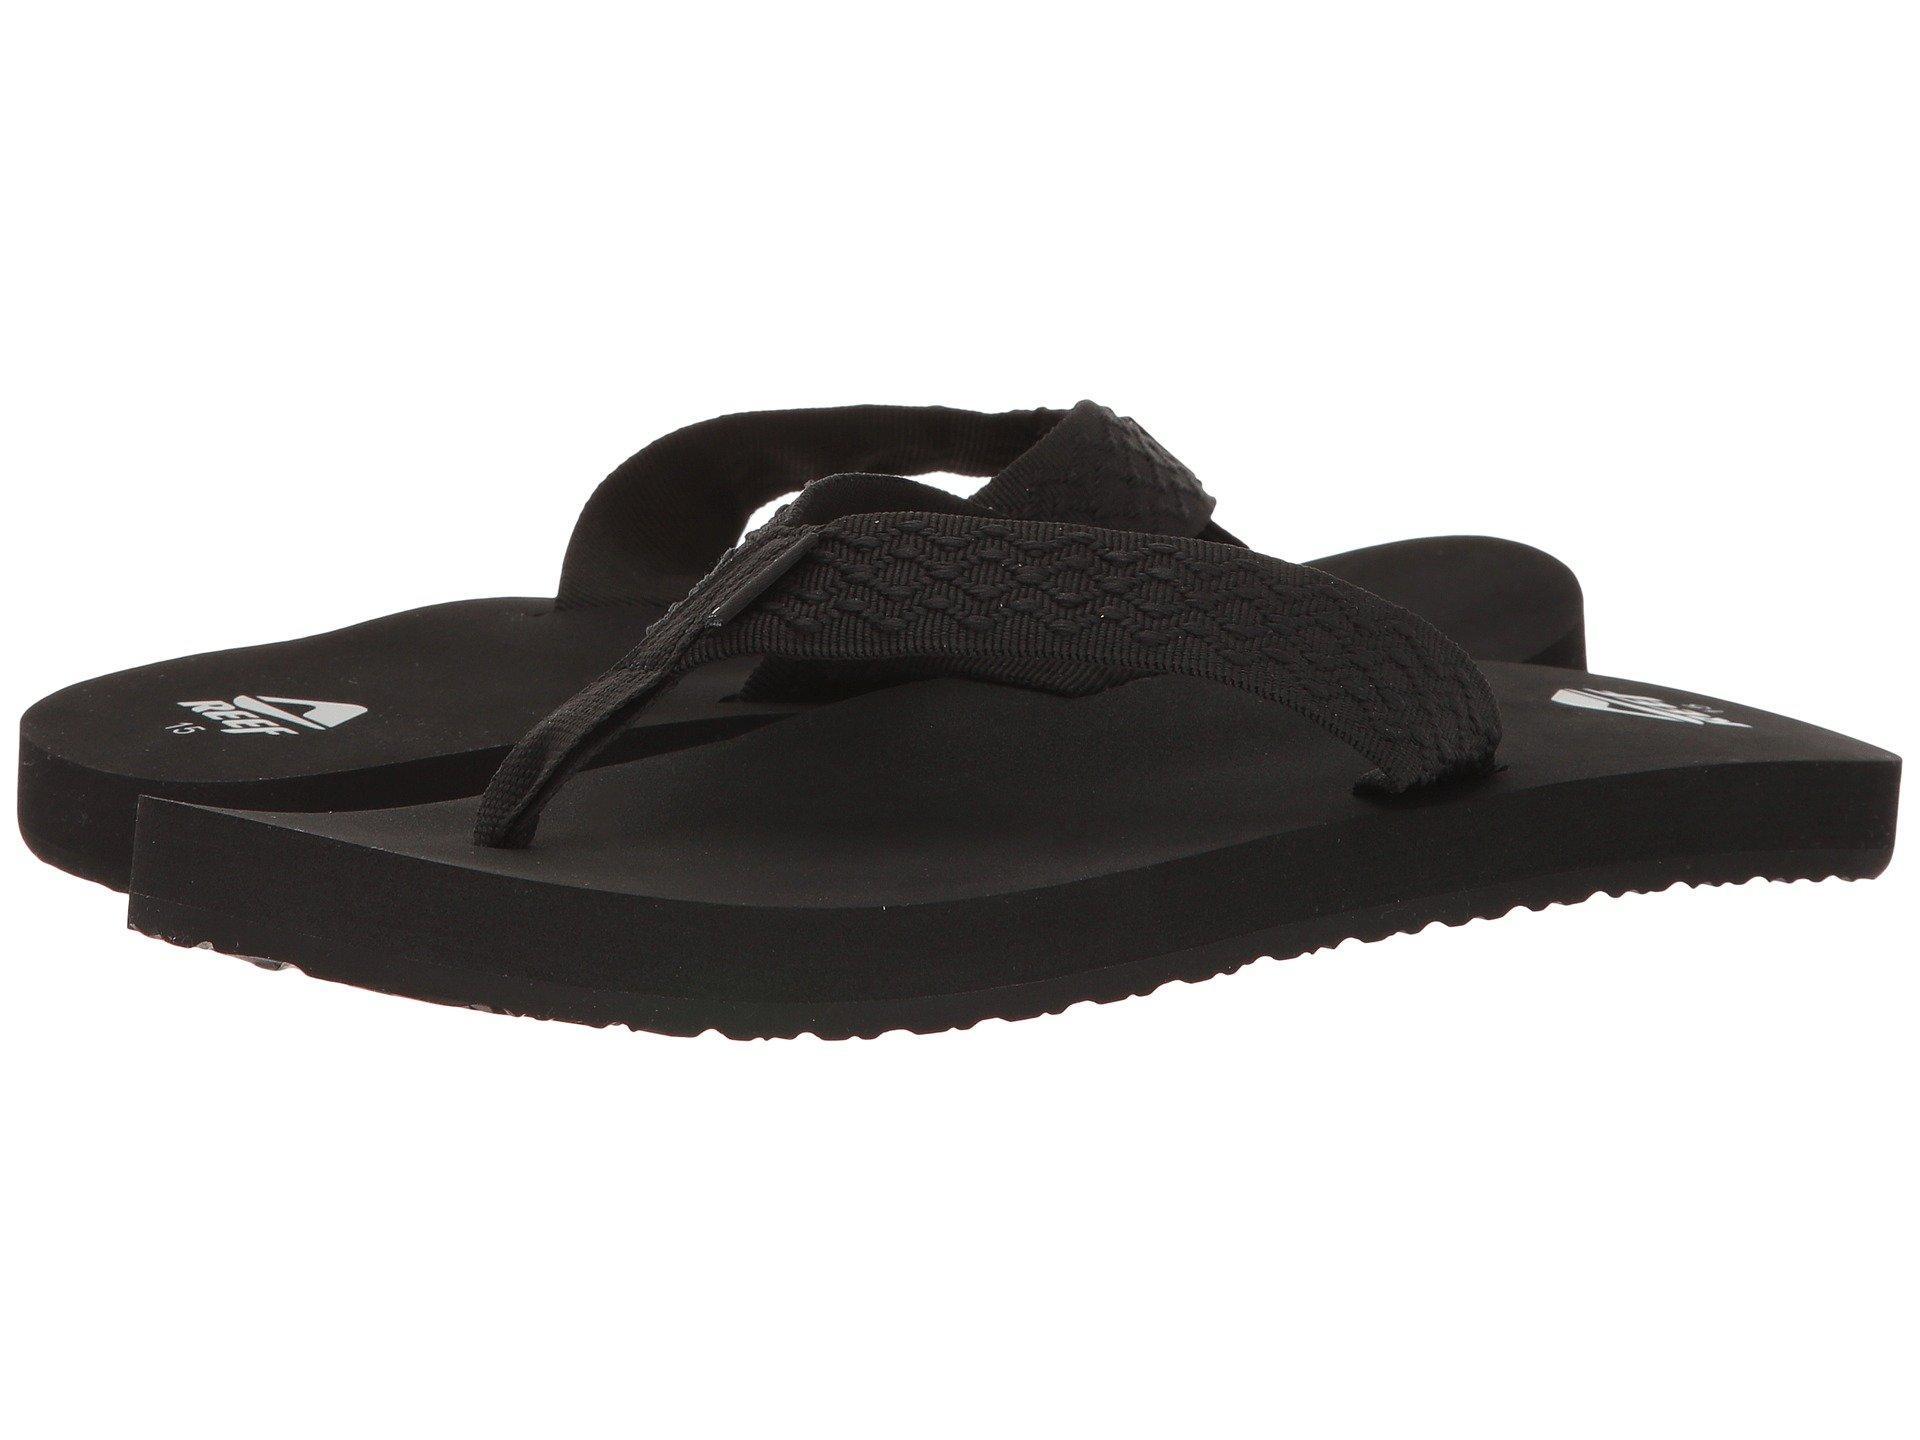 55bd9d85613 Lyst - Reef Smoothy (vintage Blue) Men s Sandals in Black for Men